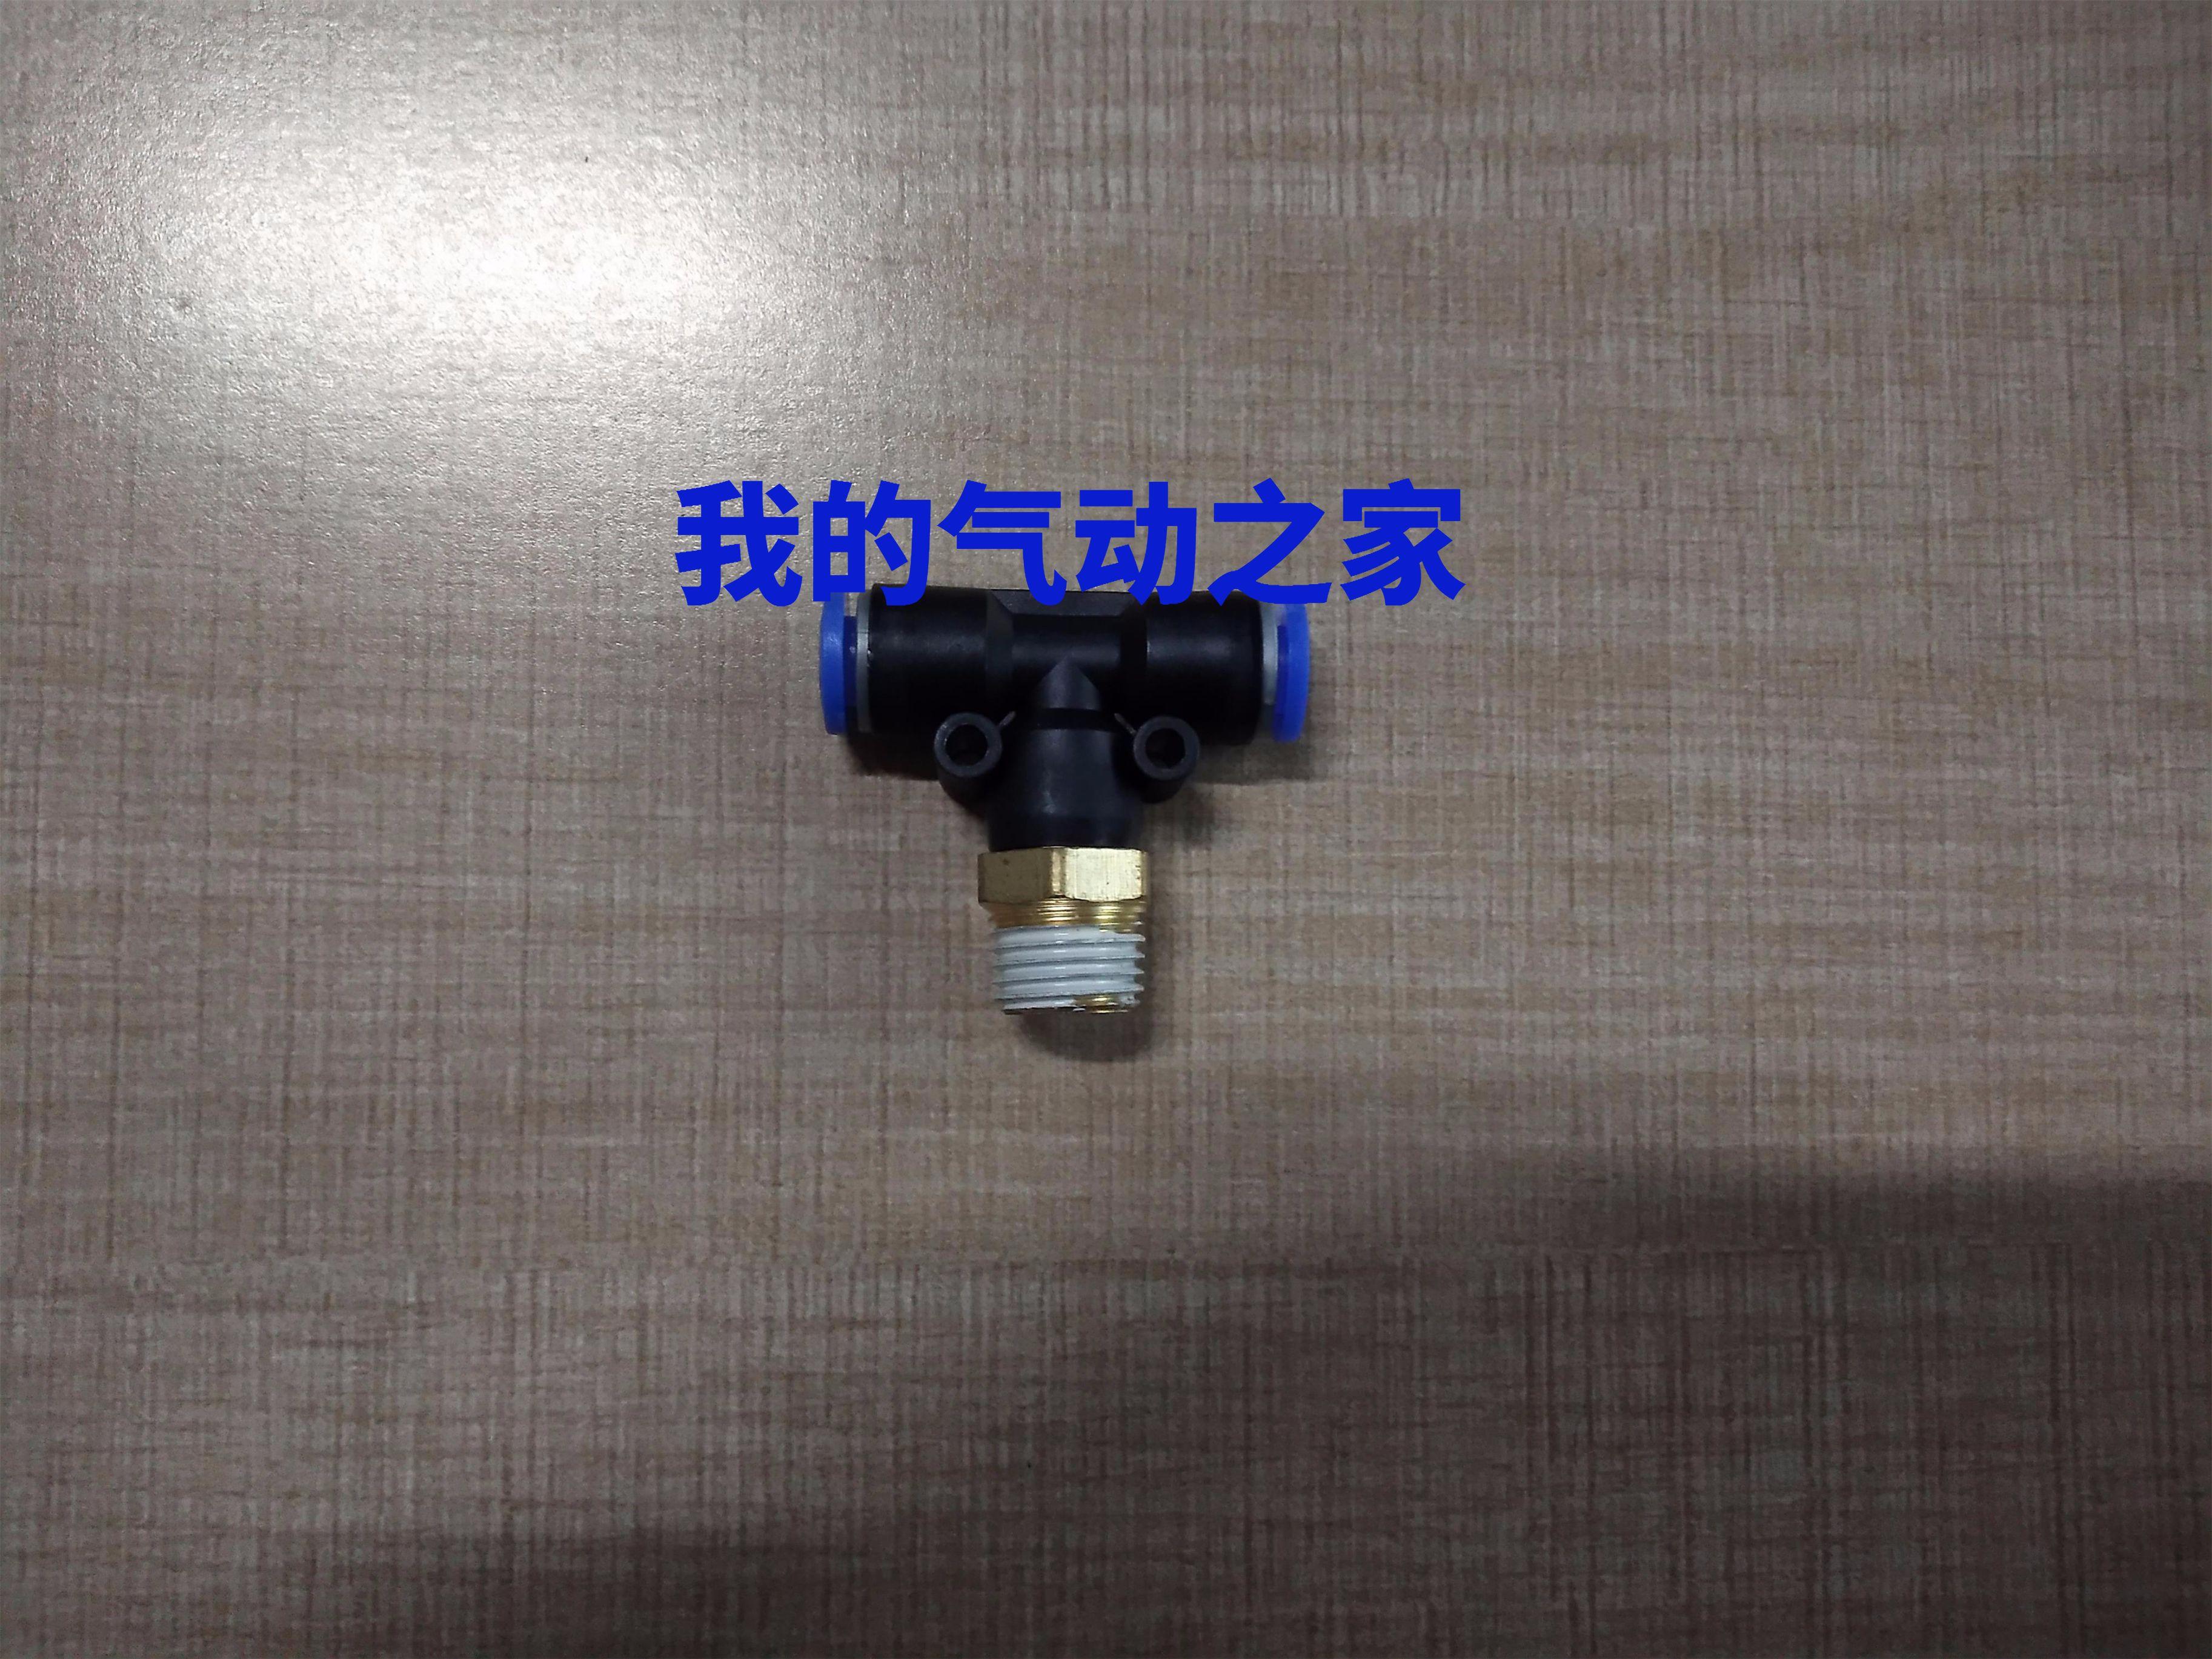 沈阳山耐斯气管气动元件T型三通外牙快速正品v气管SPB6-02